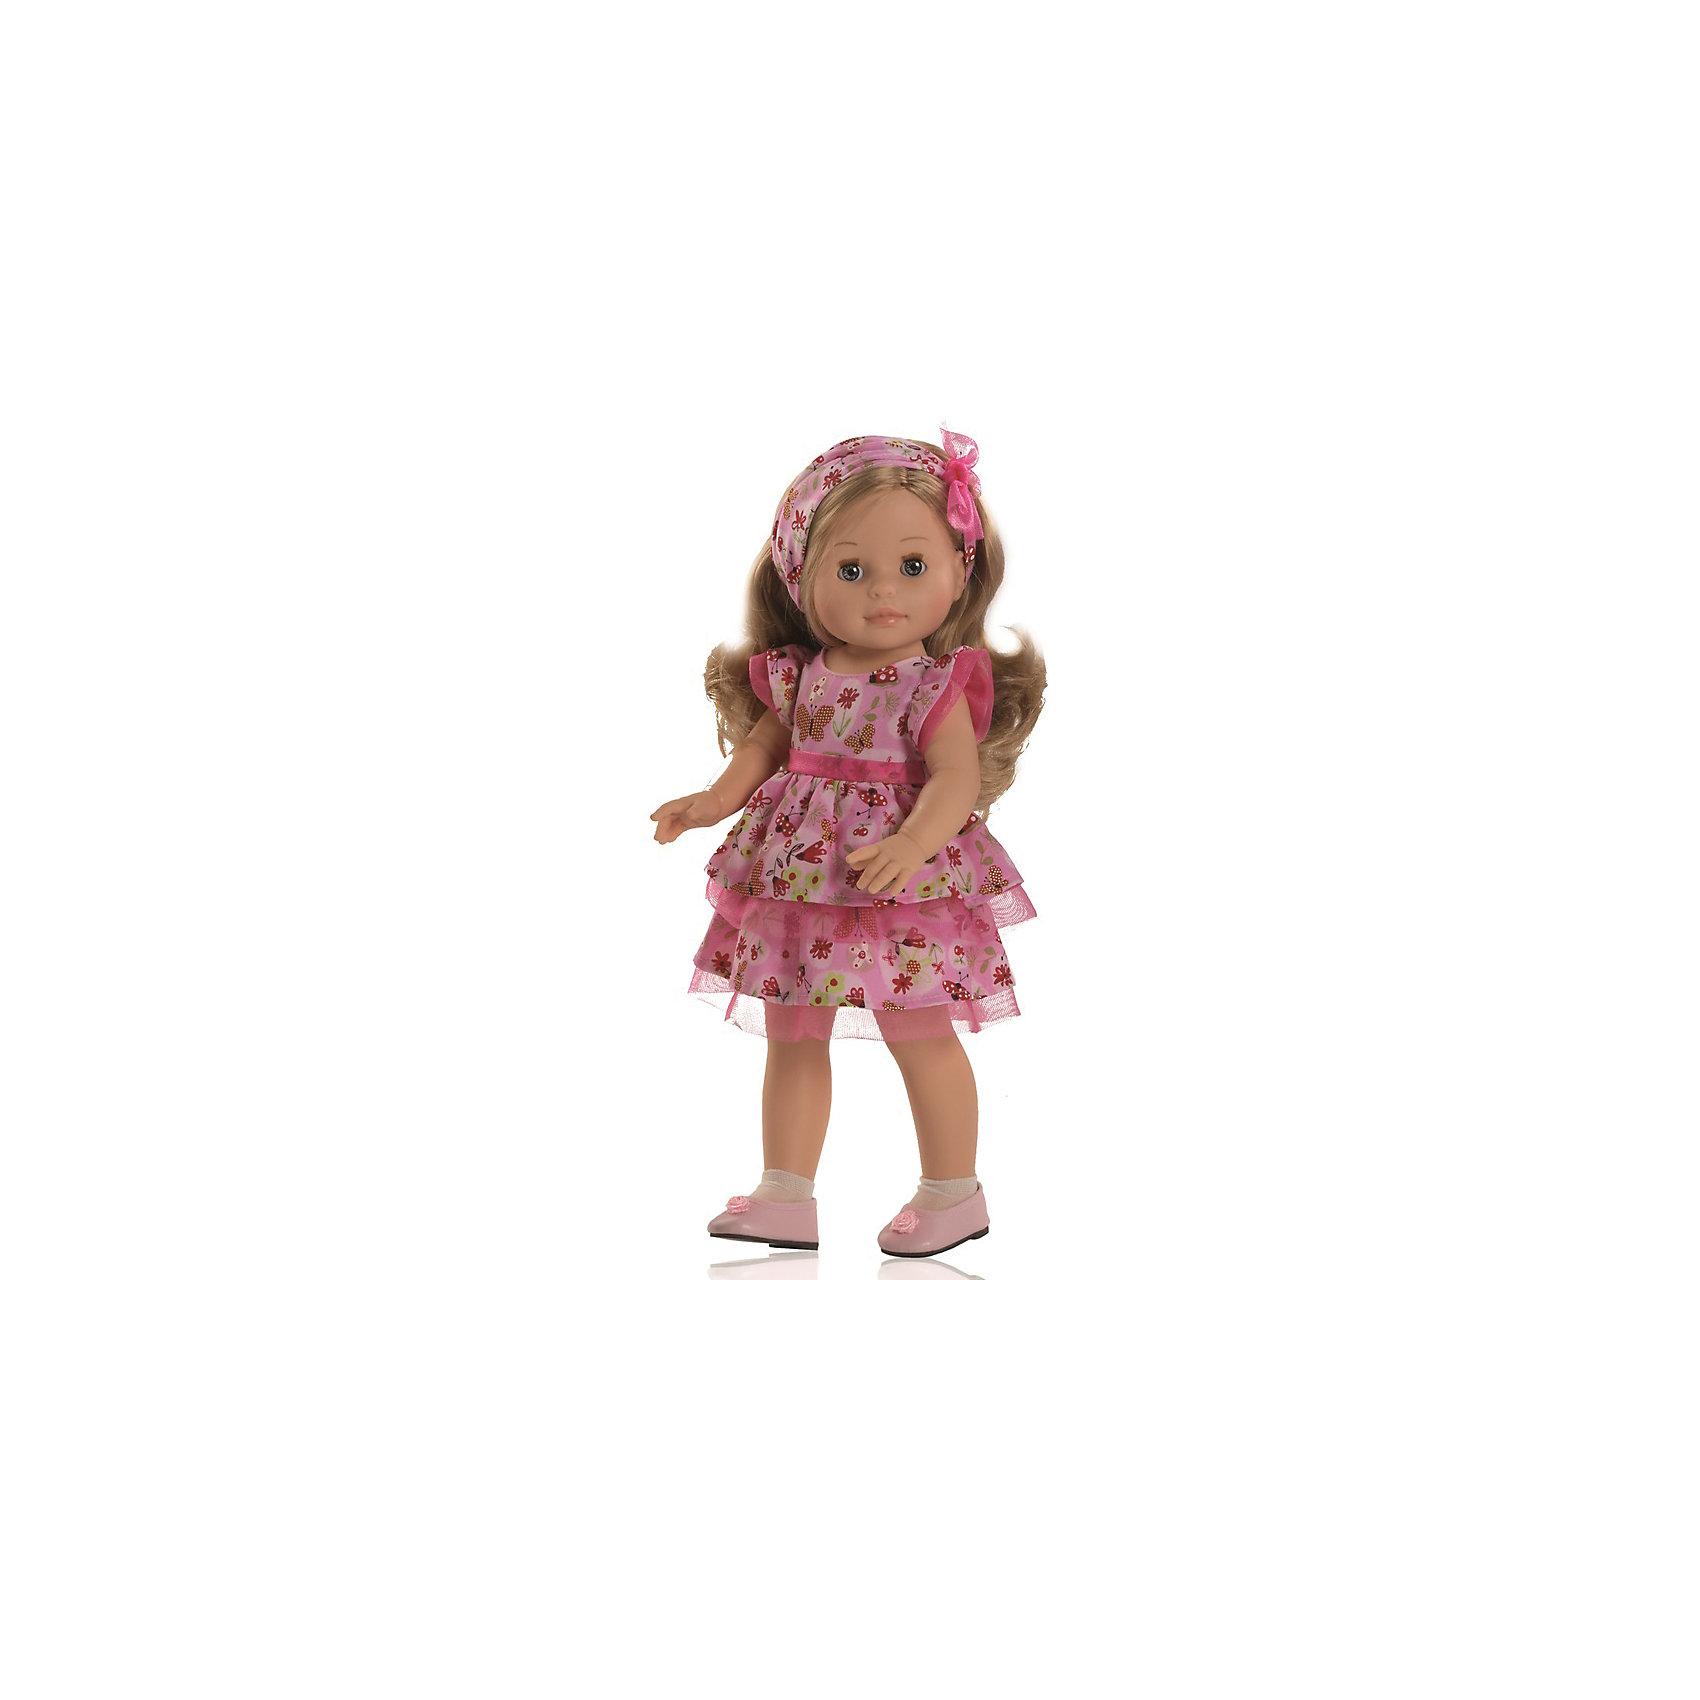 Кукла Эмма, 40 см, Paola ReinaКлассические куклы<br>Куклы из серии Сой Ту (Я это Ты).                                                                             Куклы Паола Рейна имеют нежный ванильный аромат, одеты в модную одежду с аксессуарами. Выразительная мимика, уникальный и неповторимый дизайн лица и тела. Глазки закрываются!<br>Качество подтверждено нормами безопасности EN71 ЕЭС. <br>Материалы: кукла изготовлена из винила; глаза выполнены в виде кристалла из прозрачного твердого пластика; волосы сделаны из высококачественного нейлона.<br><br>Дополнительная информация:<br><br>- Высота куклы:  40 см<br><br>Куклу Эмма, 40 см, Paola Reina (Паола Рейна) можно купить в нашем магазине.<br><br>Ширина мм: 150<br>Глубина мм: 280<br>Высота мм: 530<br>Вес г: 700<br>Возраст от месяцев: 36<br>Возраст до месяцев: 144<br>Пол: Женский<br>Возраст: Детский<br>SKU: 4086802